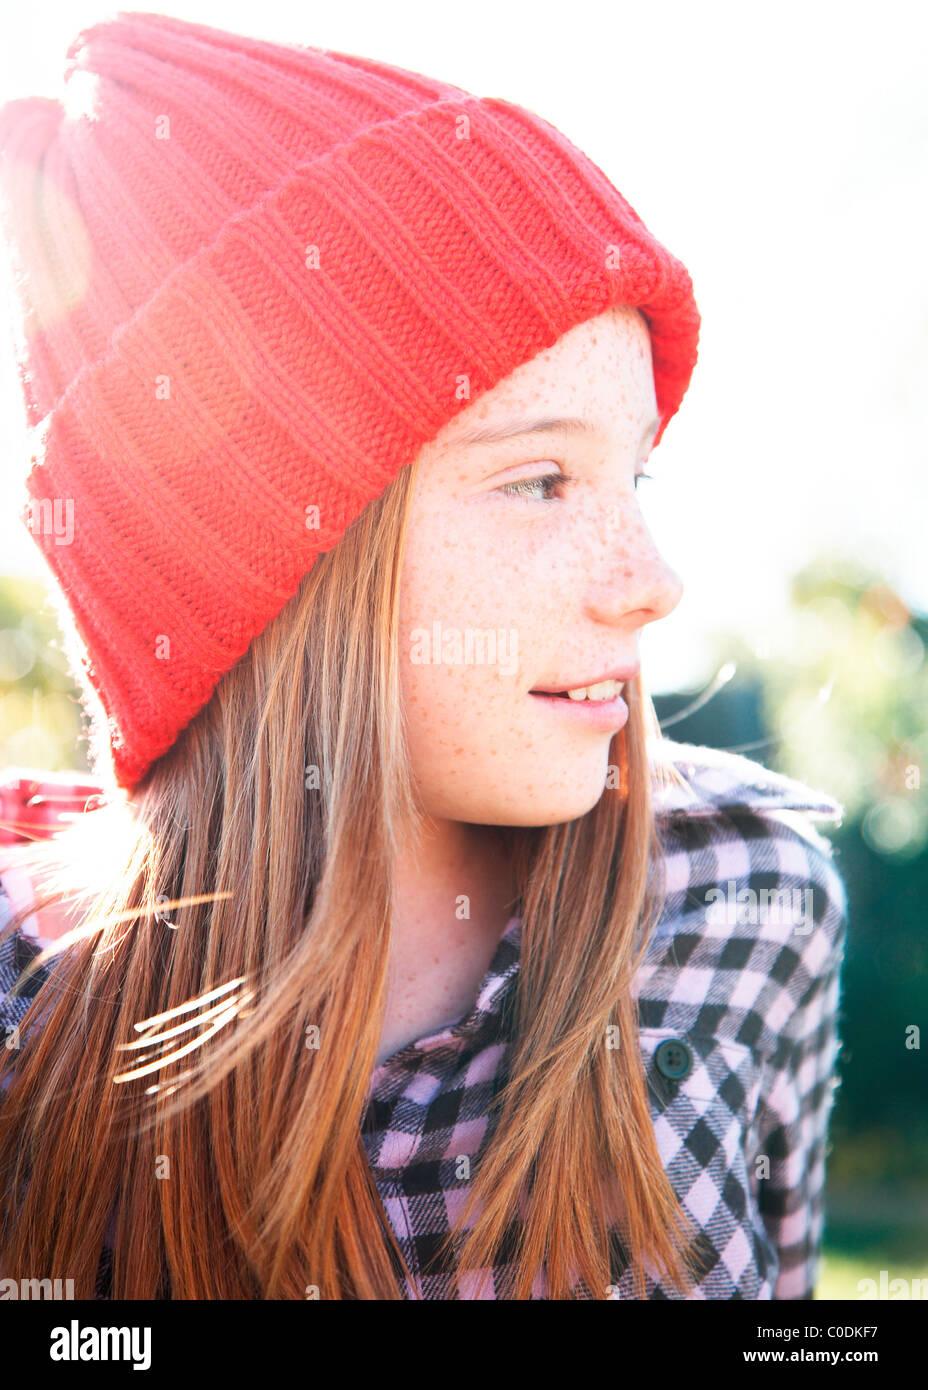 Girl wearing red stocking hat - Stock Image